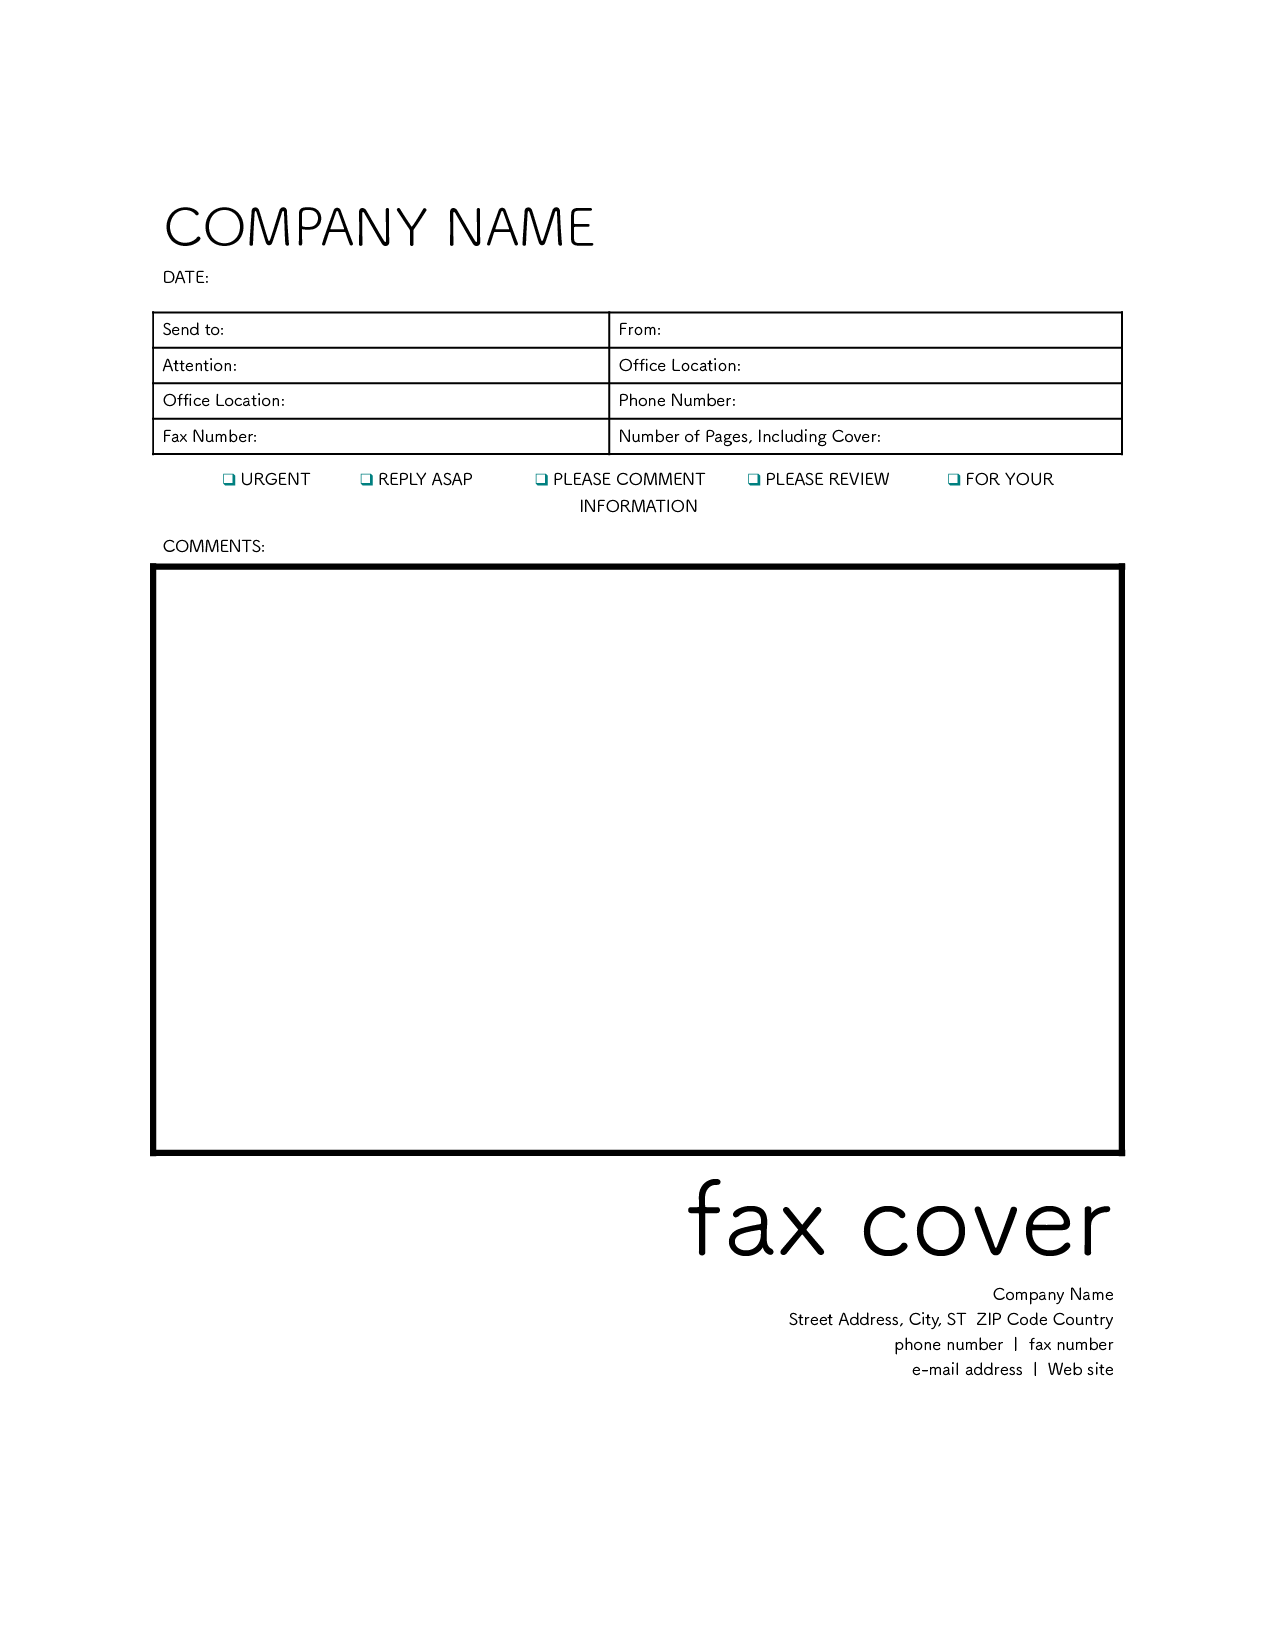 fax cover ファックス送付状 英語 のテンプレート おしゃれ ワード